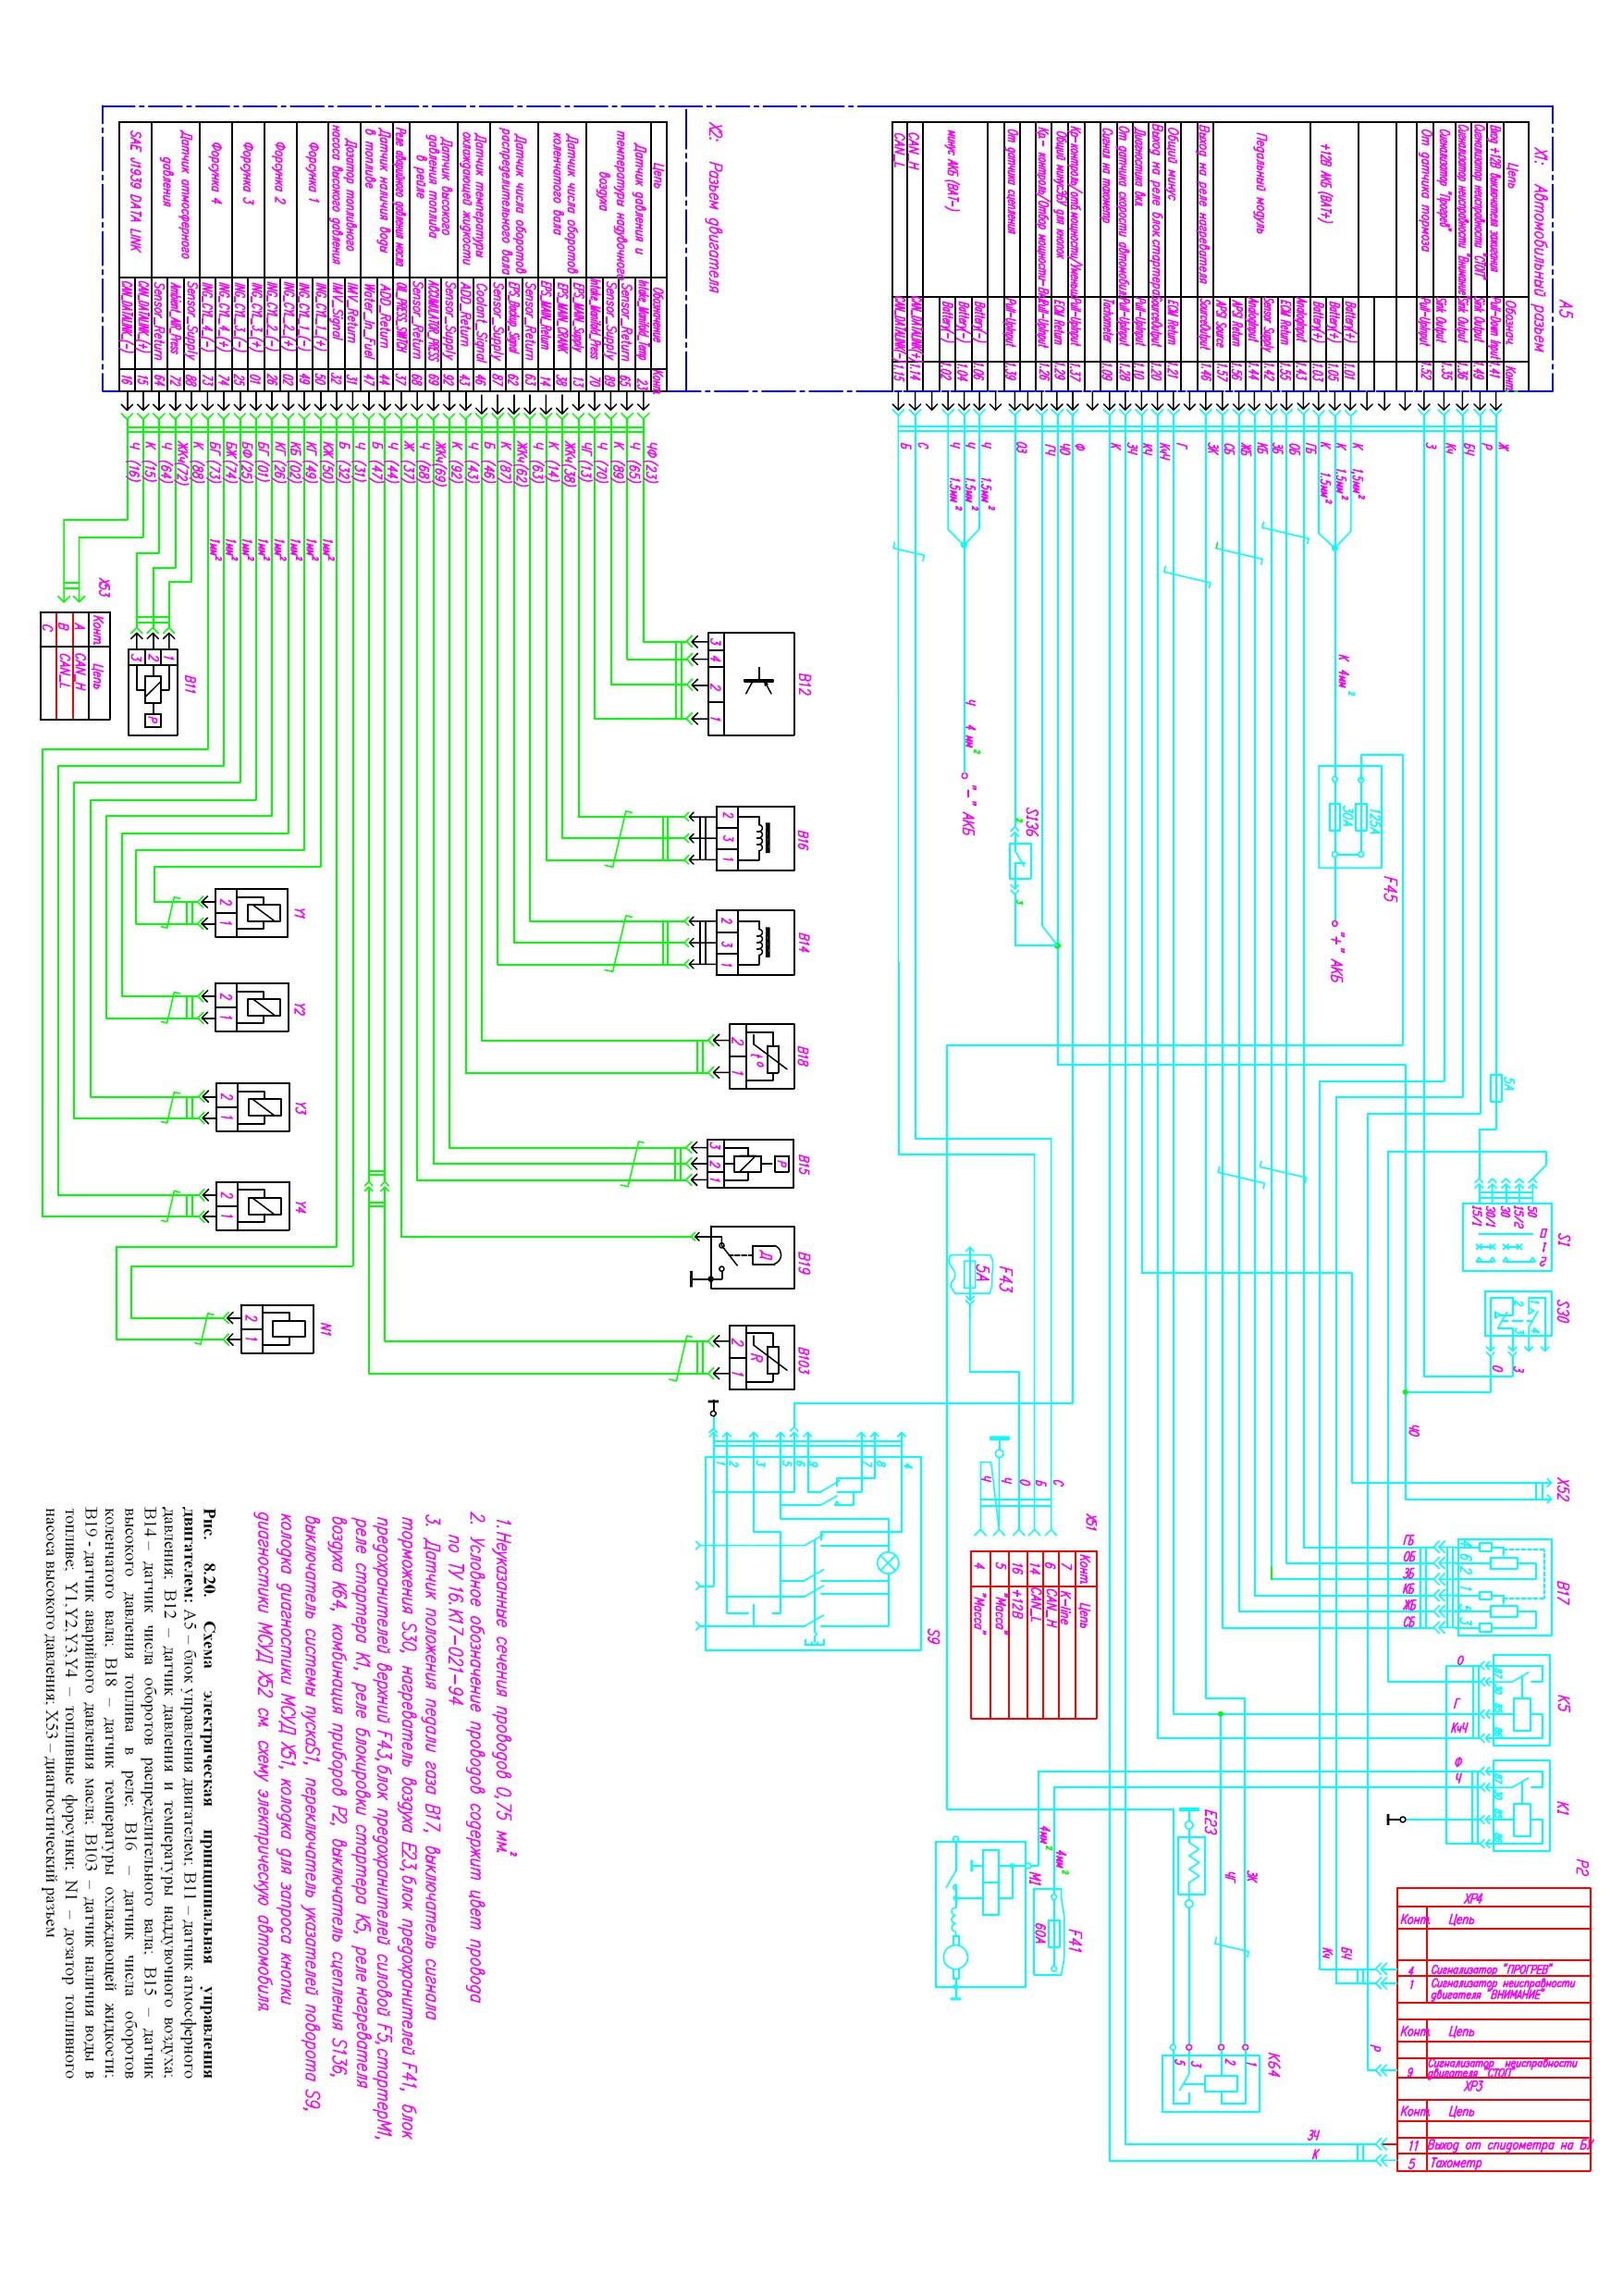 электросхема камминз 14 Электросхема Газель (с двигателем Cummins) » Ремонт, тюнинг и ...